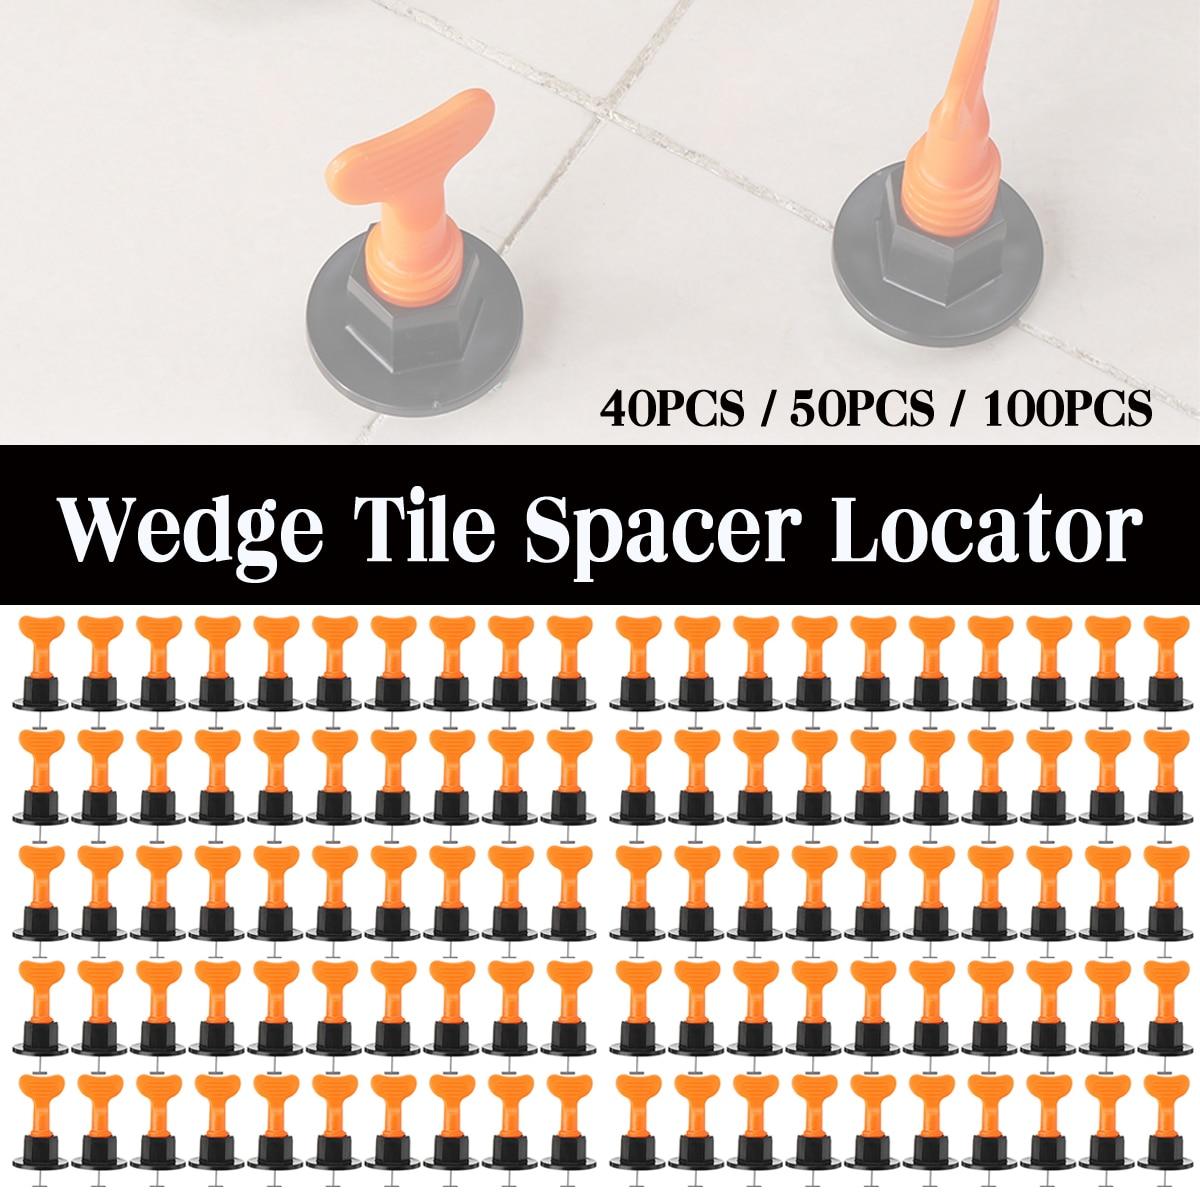 100 vnt / rinkinys išlyginamųjų plytelių išlyginimo pleištų tarpiklių tarpiklių sistema plokščias keramikos lygintuvas grindų sienų statybos įrankių lokatoriui